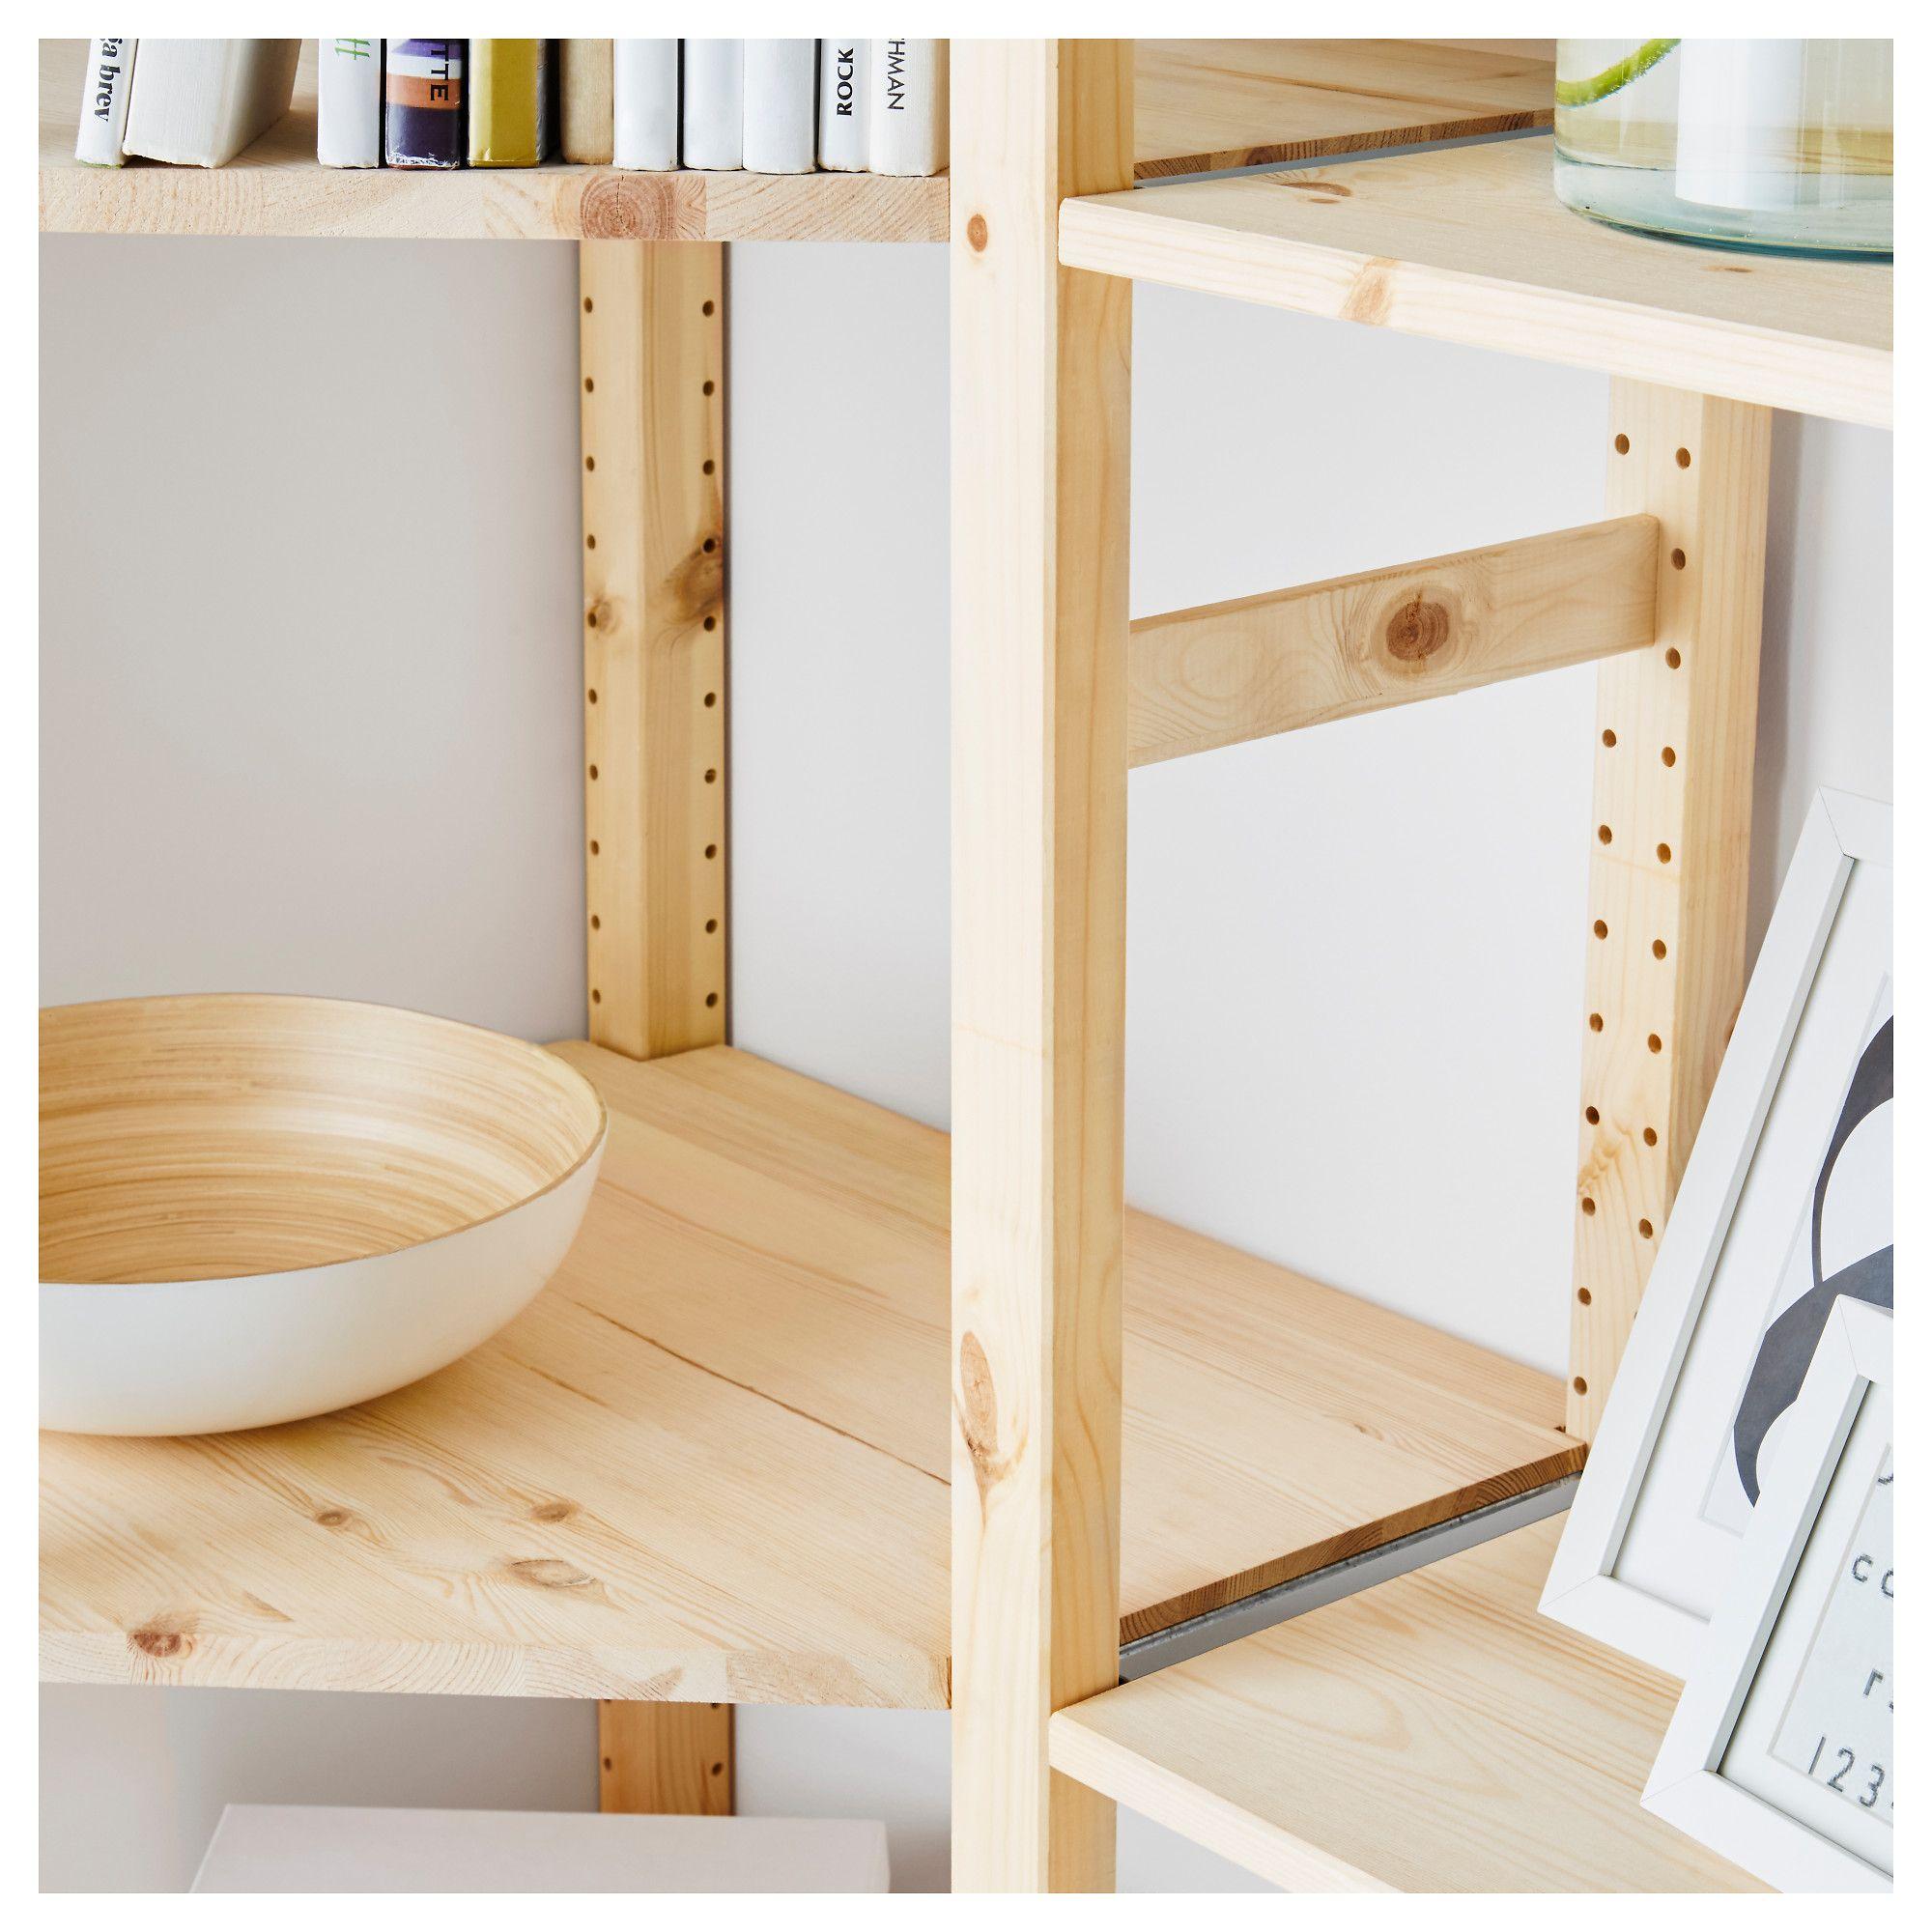 pitturare mobili ikea porte come verniciare porte with